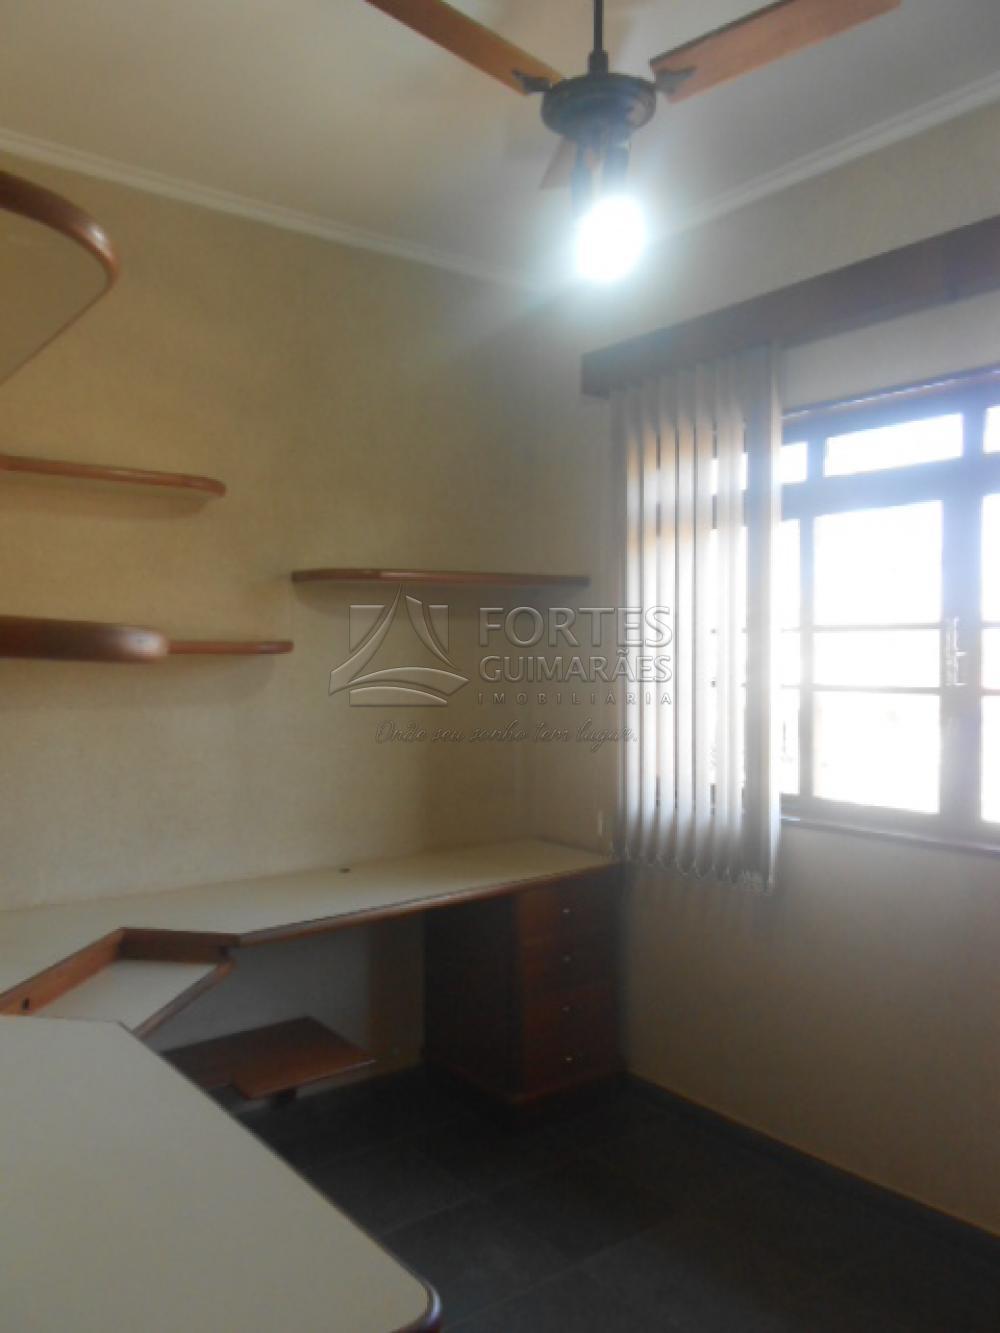 Alugar Casas / Padrão em Ribeirão Preto apenas R$ 2.500,00 - Foto 22